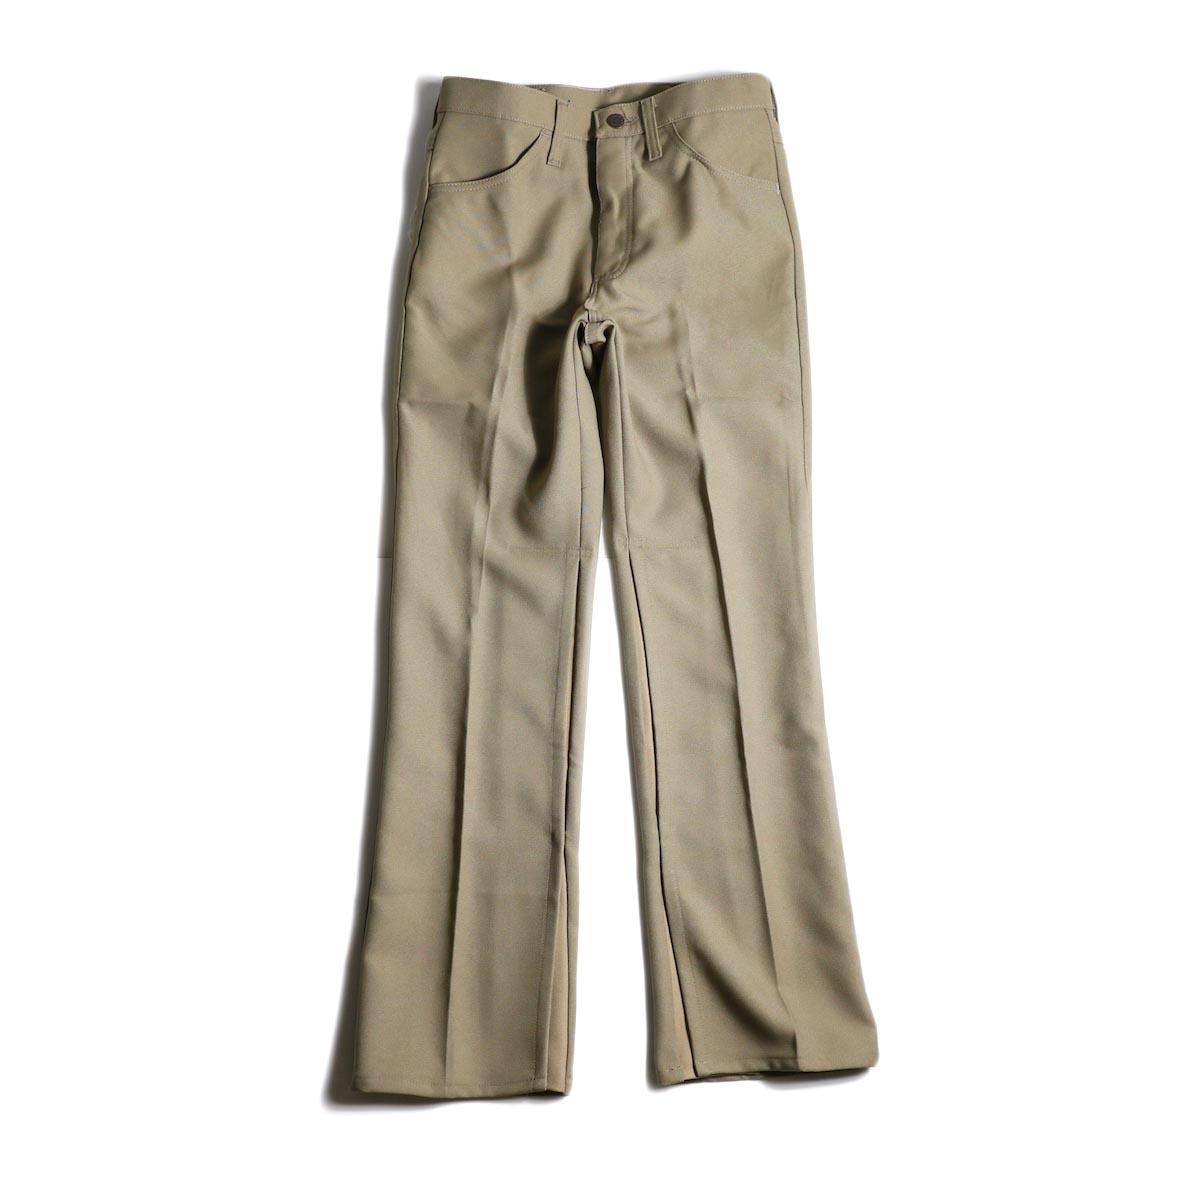 PRE_ / ZK OPEN PANTS (Tan)